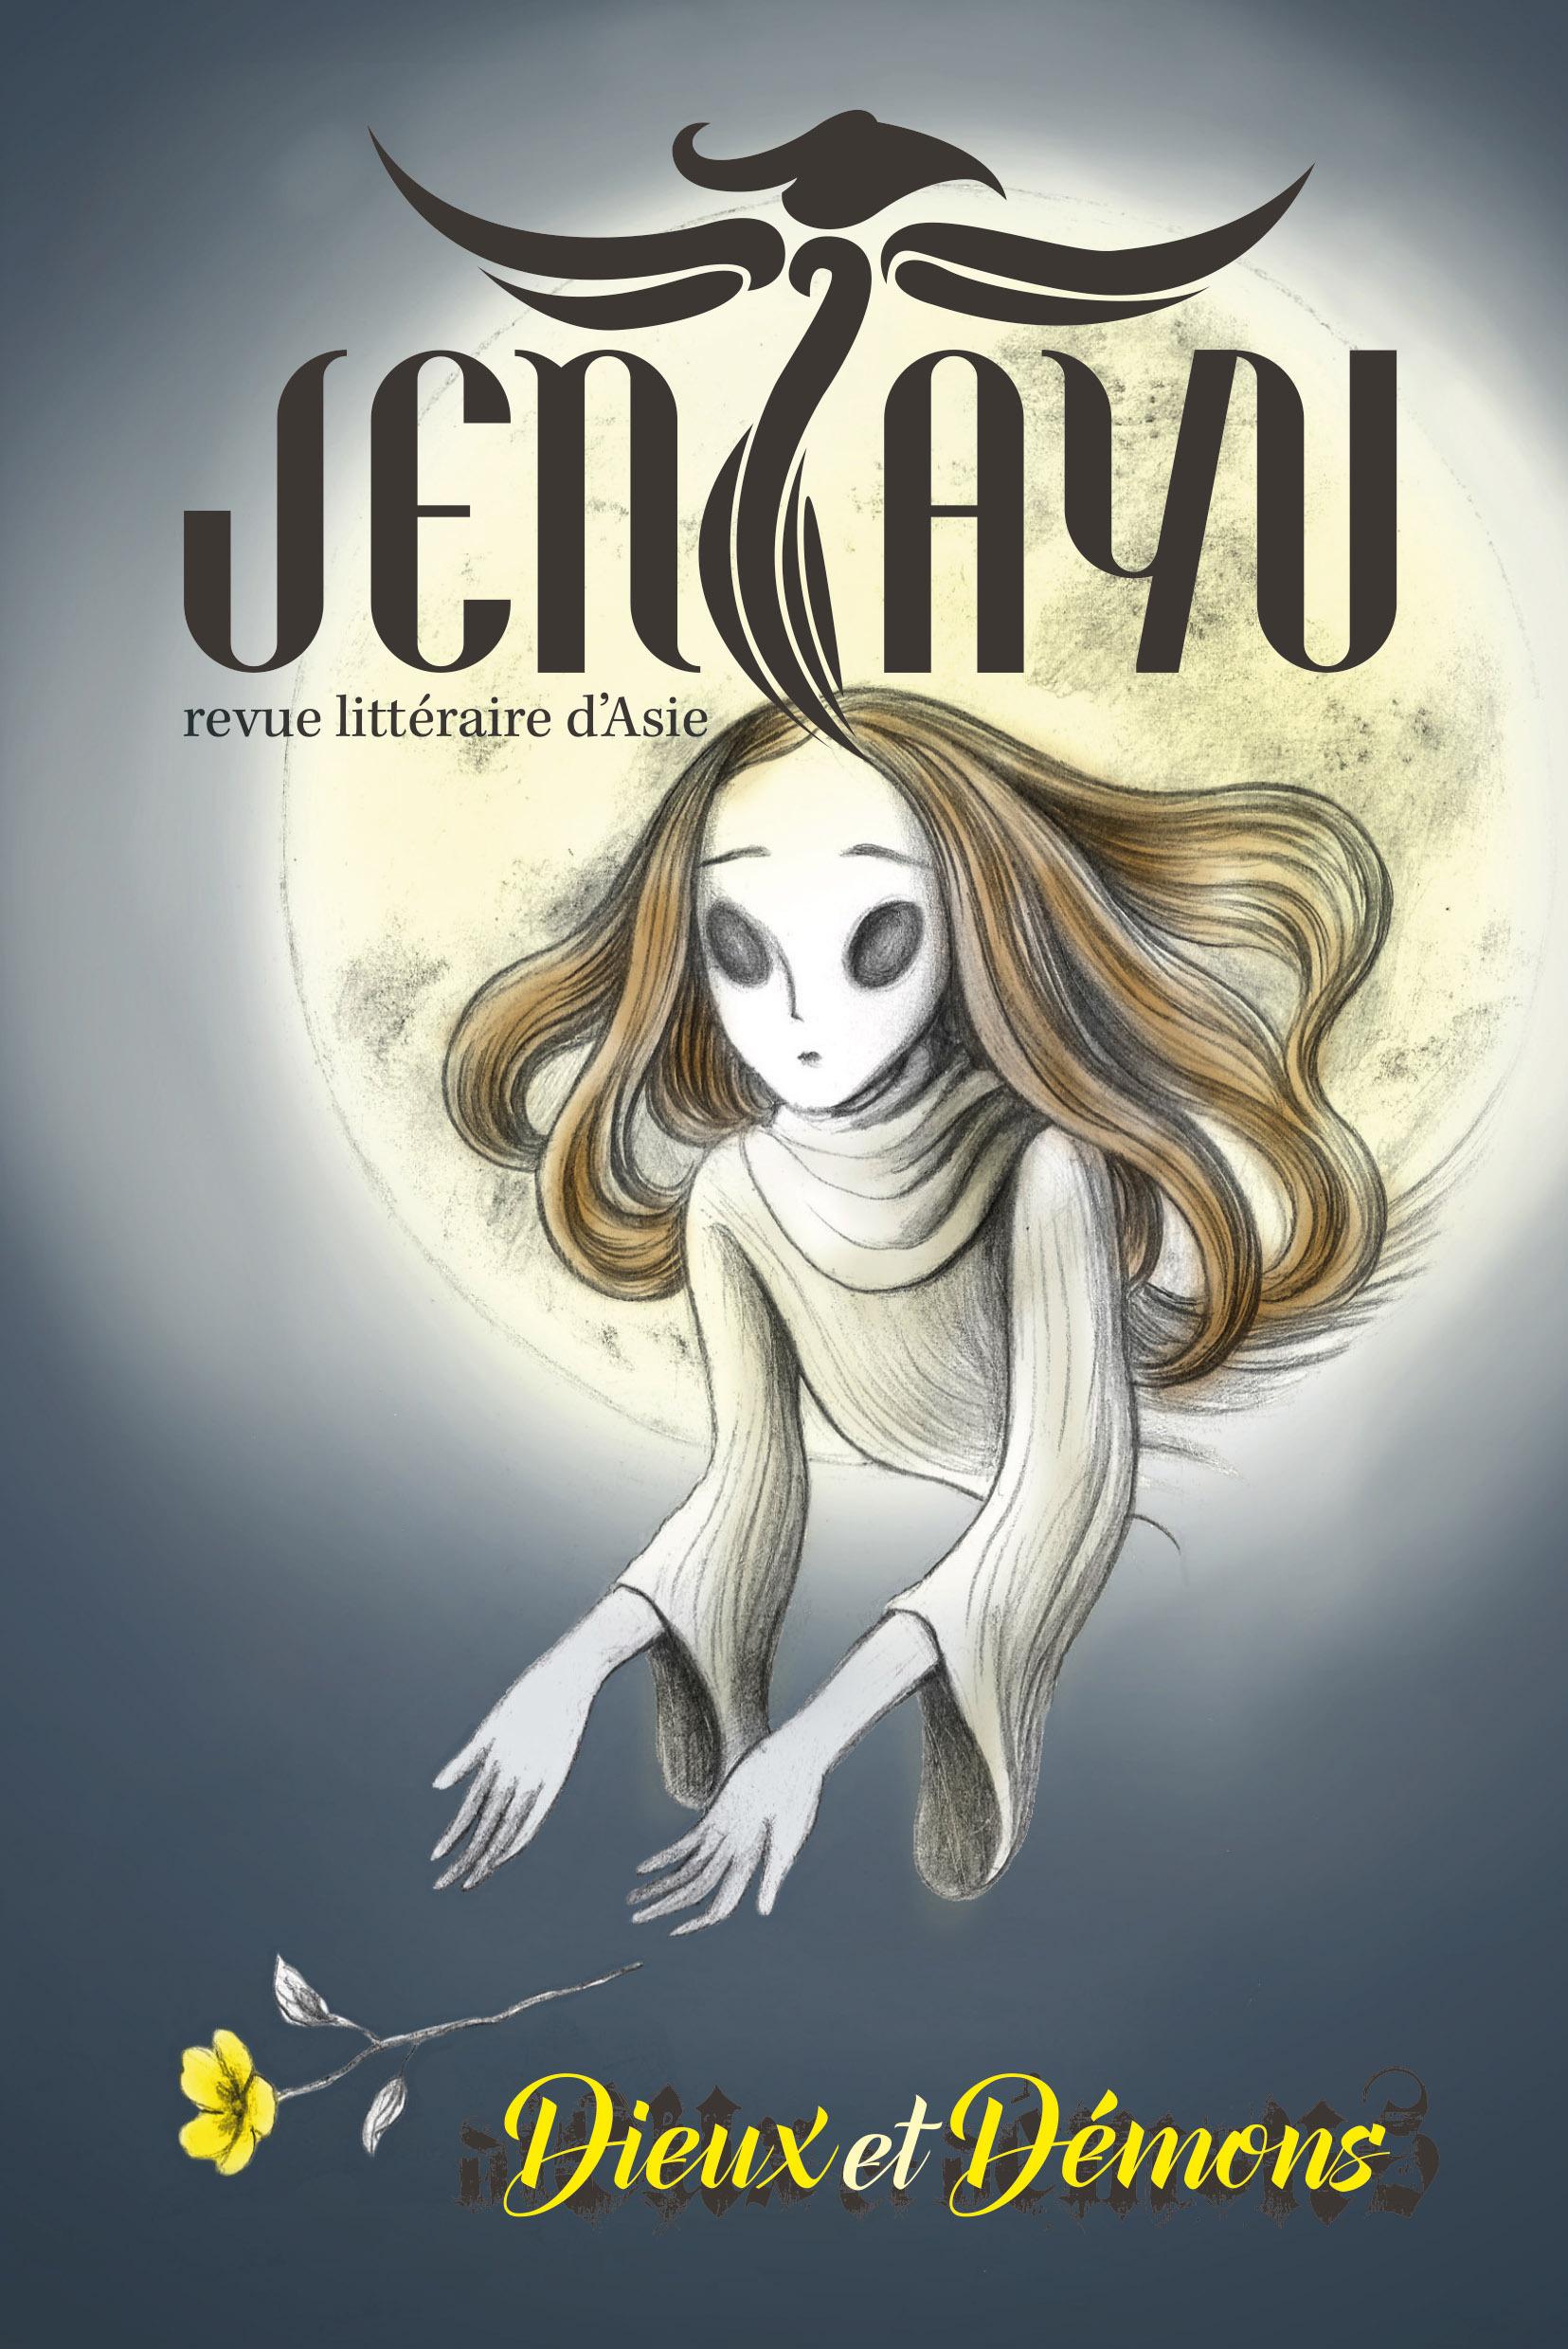 Jentayu - revue littéraire d'Asie N.3 ; dieux et démons